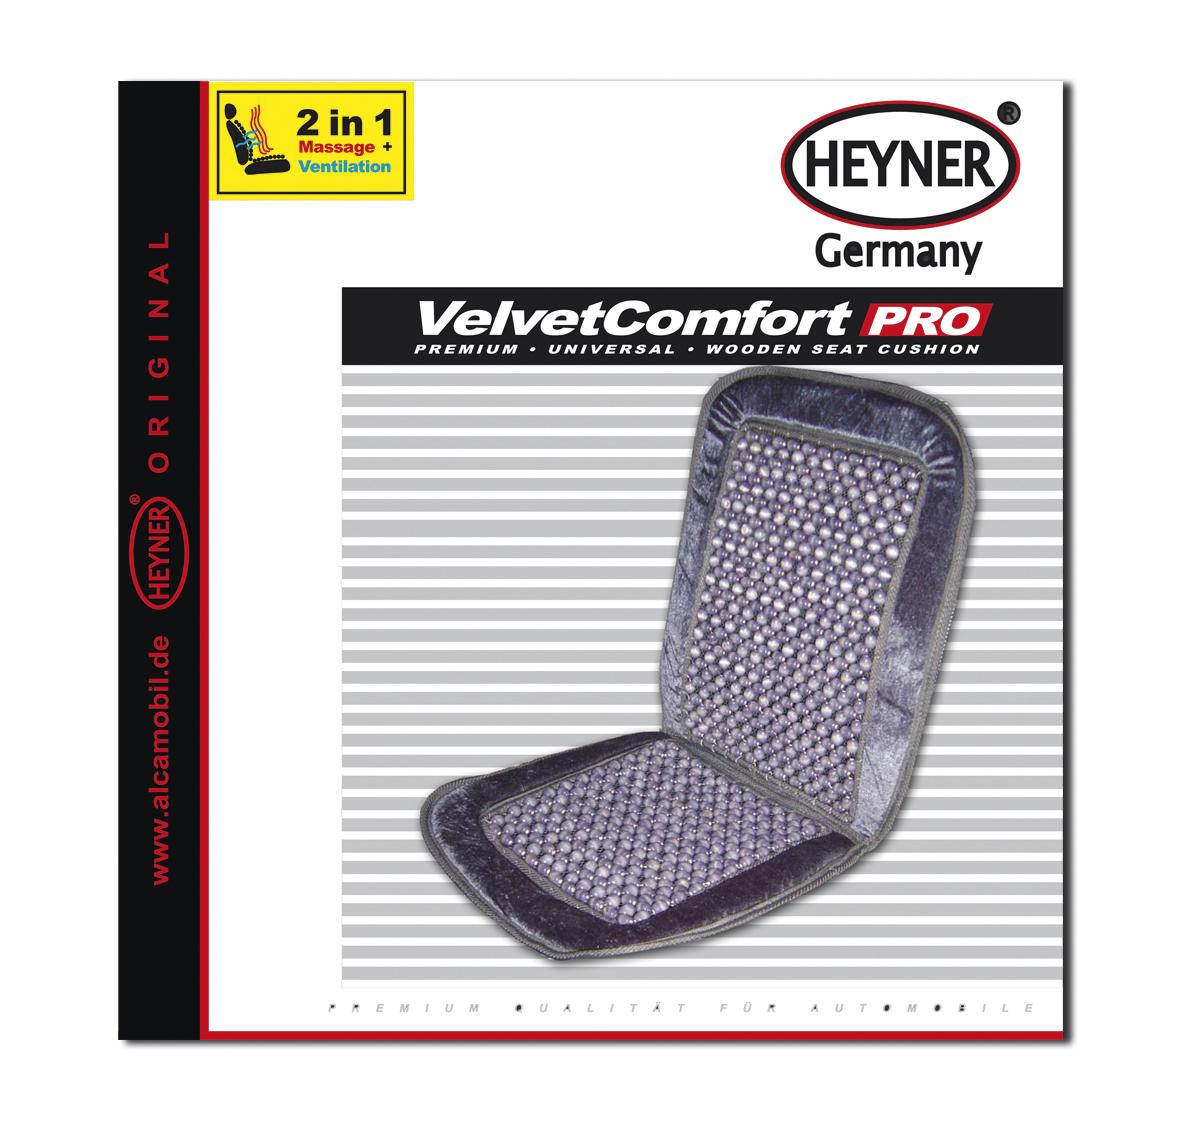 Накидка-массажер на сиденье Heyner, деревянные шарики, цвет: серый21395598Накидка Heyner обеспечивает массаж и охлаждение для водителя и пассажиров посредством деревянных шариков. Быстро и просто устанавливается на сиденье. Накидка выполнена из велюра.